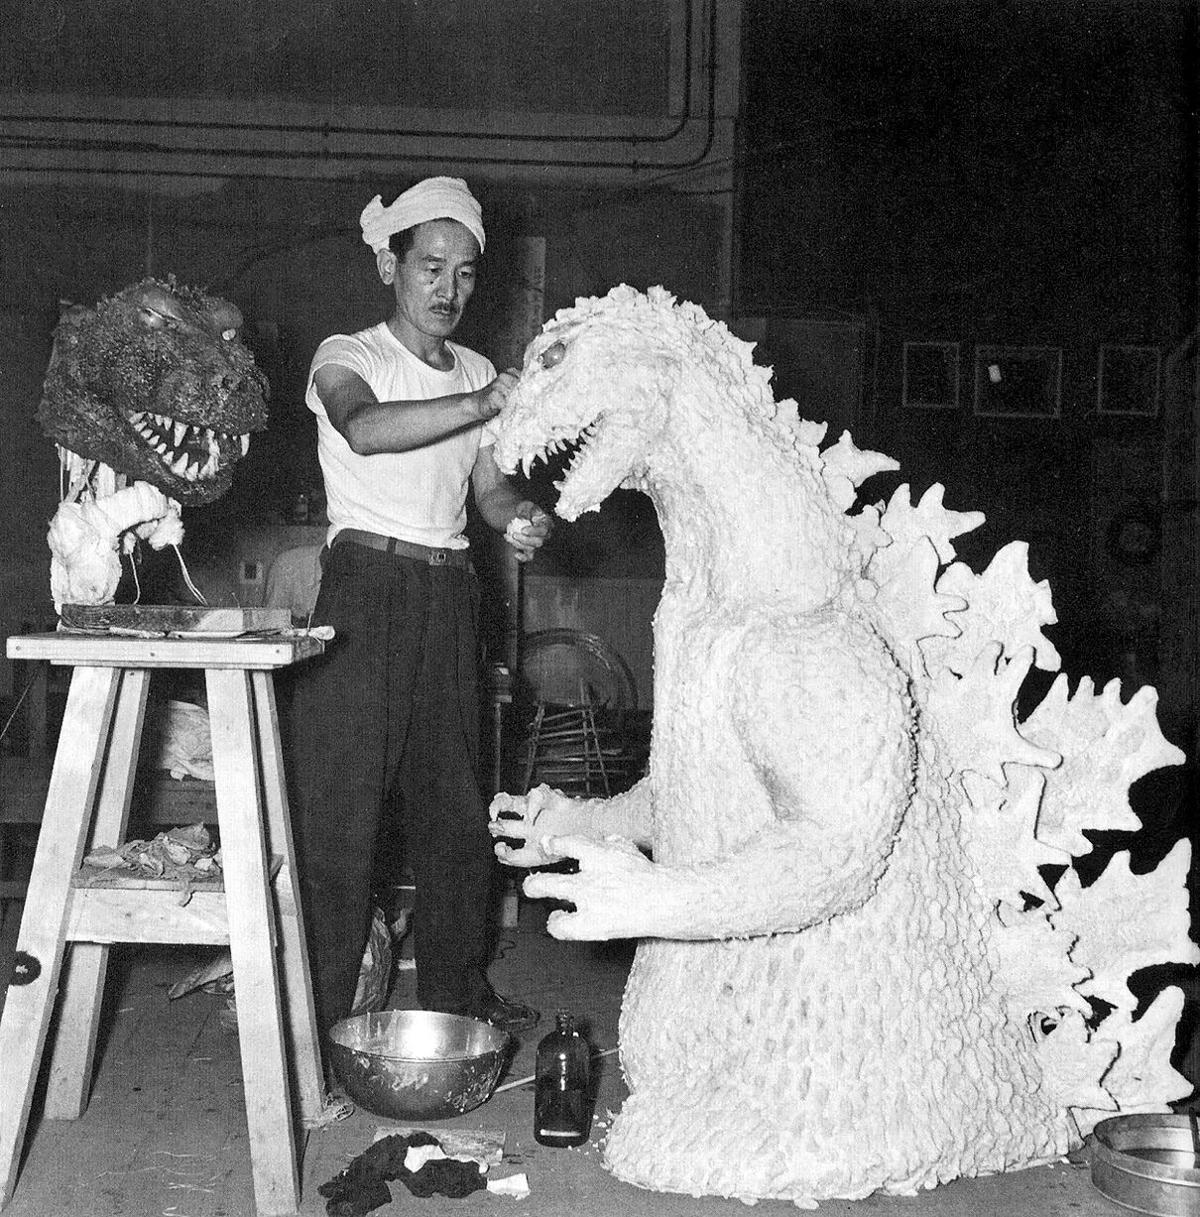 set of Godzilla 1954